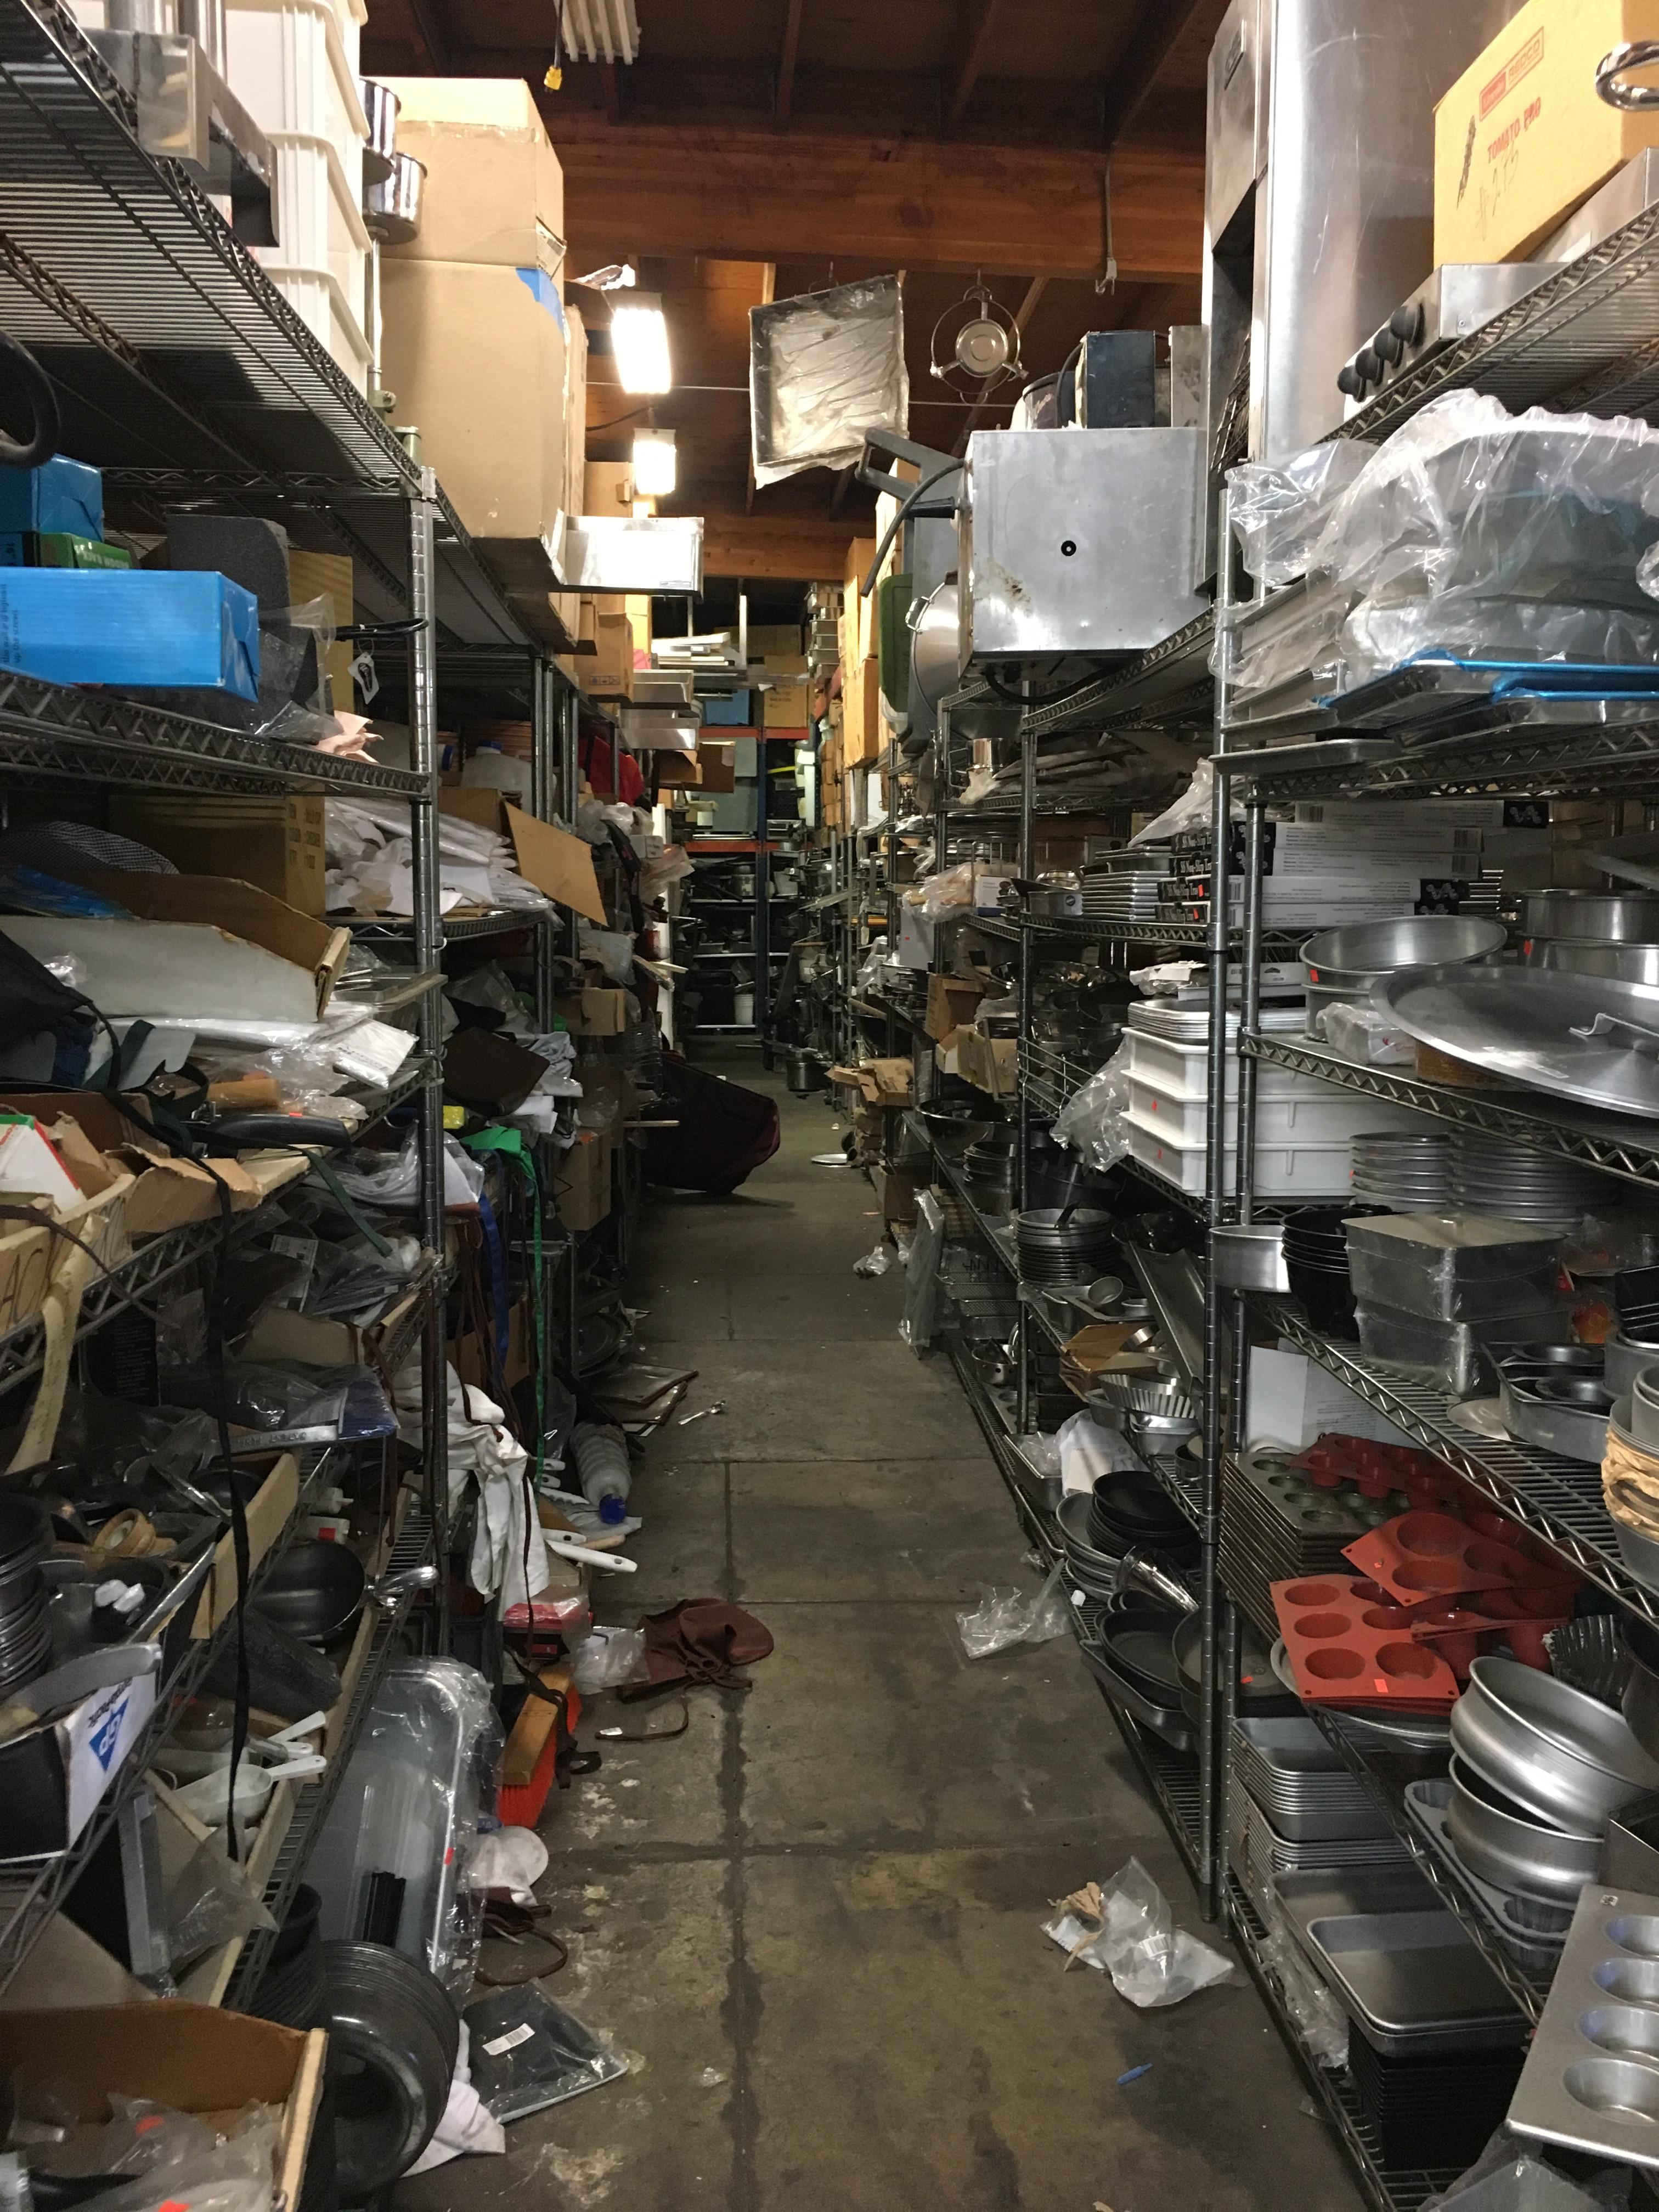 restaurant-equipment-15040825864.jpg